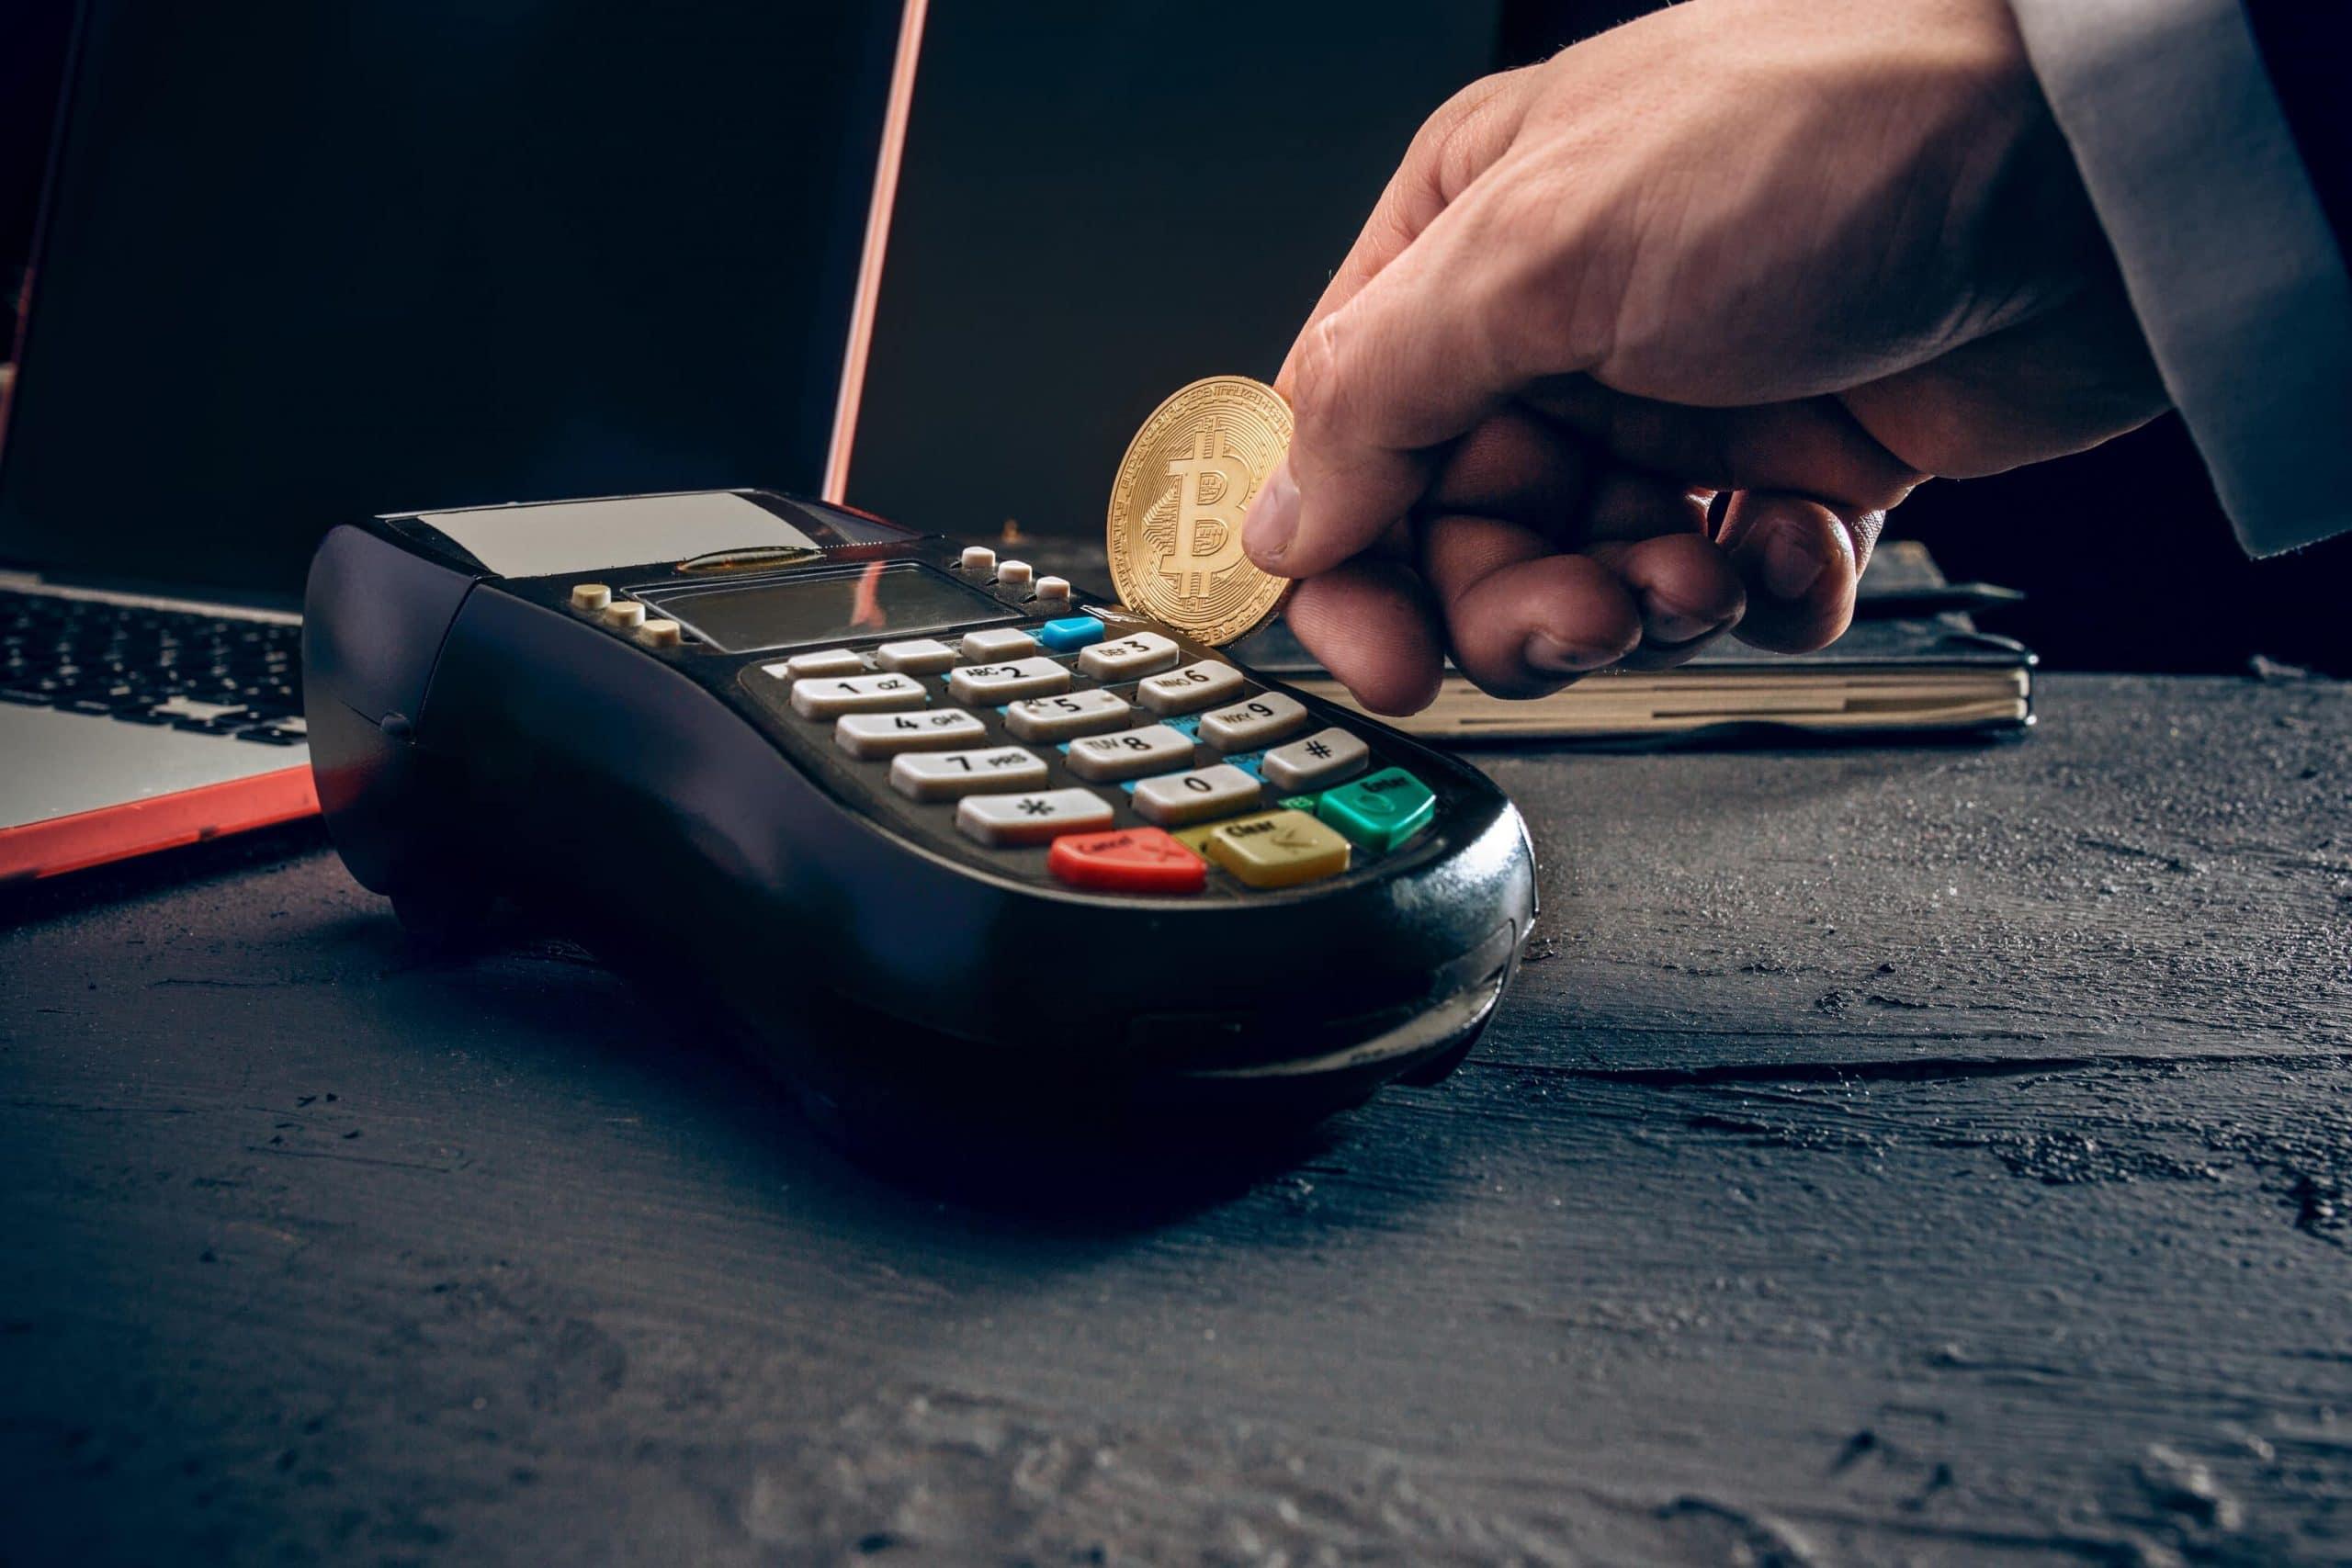 Ein Bitcoin wird wie eine Kreditkarte durch ein Kartenlesegerät gezogen